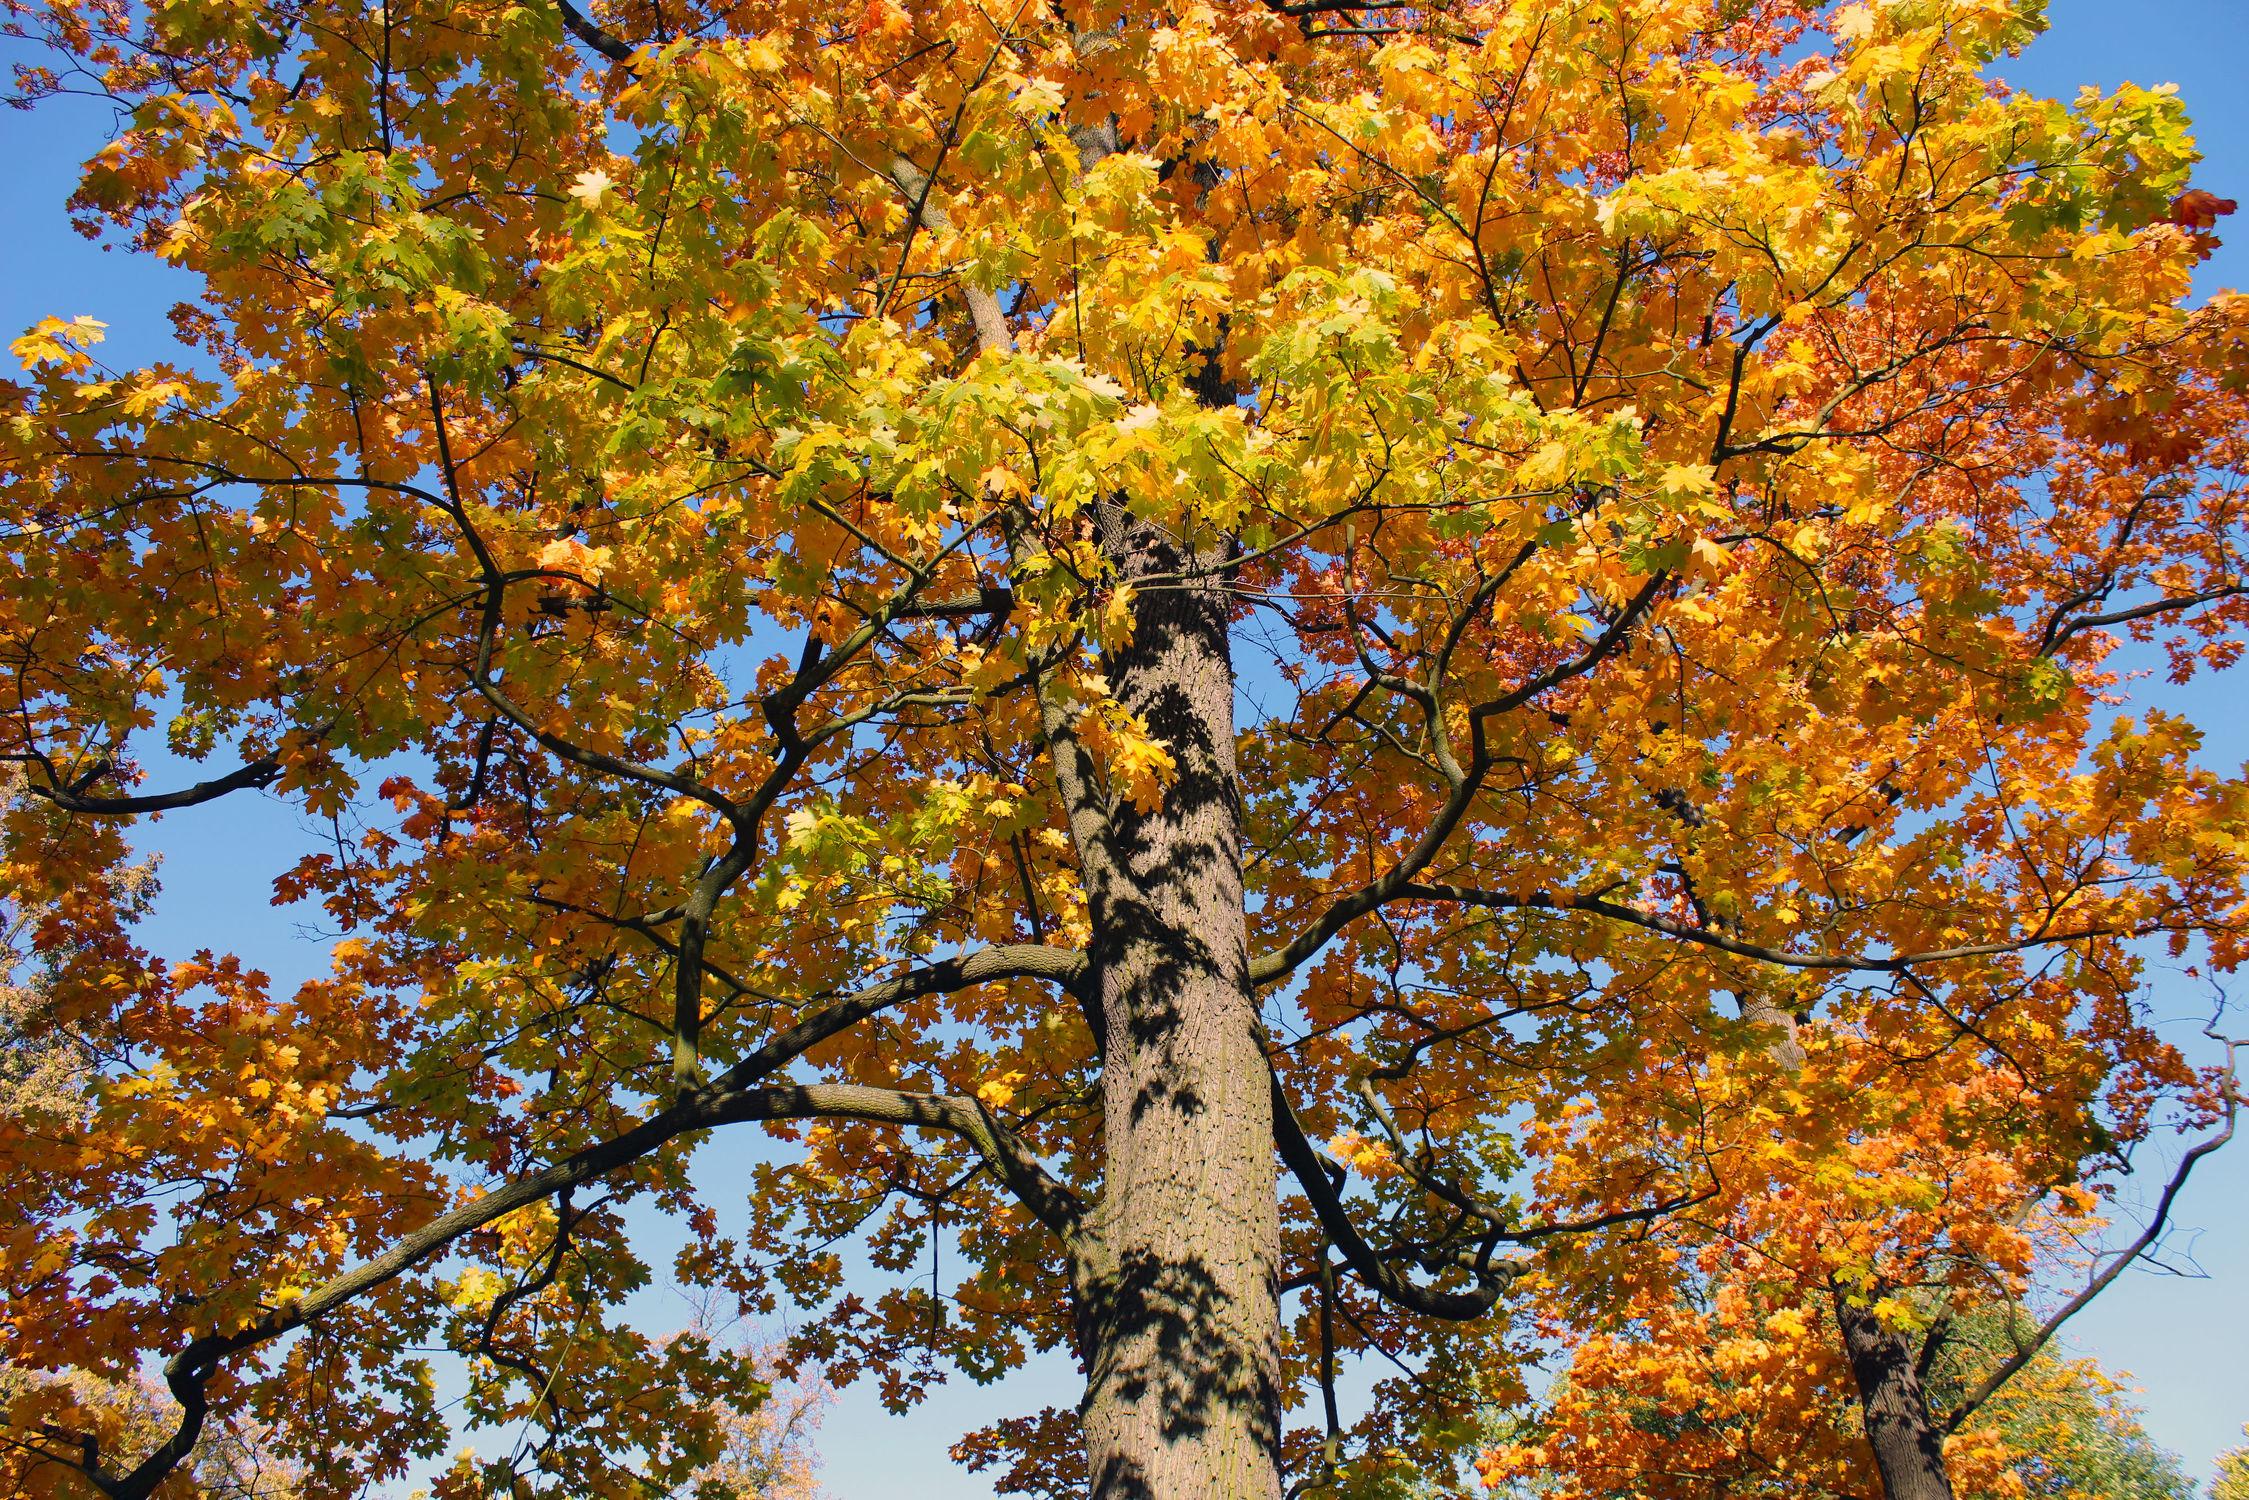 Bild mit Bäume, Baumkrone, Baum, Laubbaum, Tree, Trees, Herbstblätter, Laub am Baum, Blick in die Baumkrone